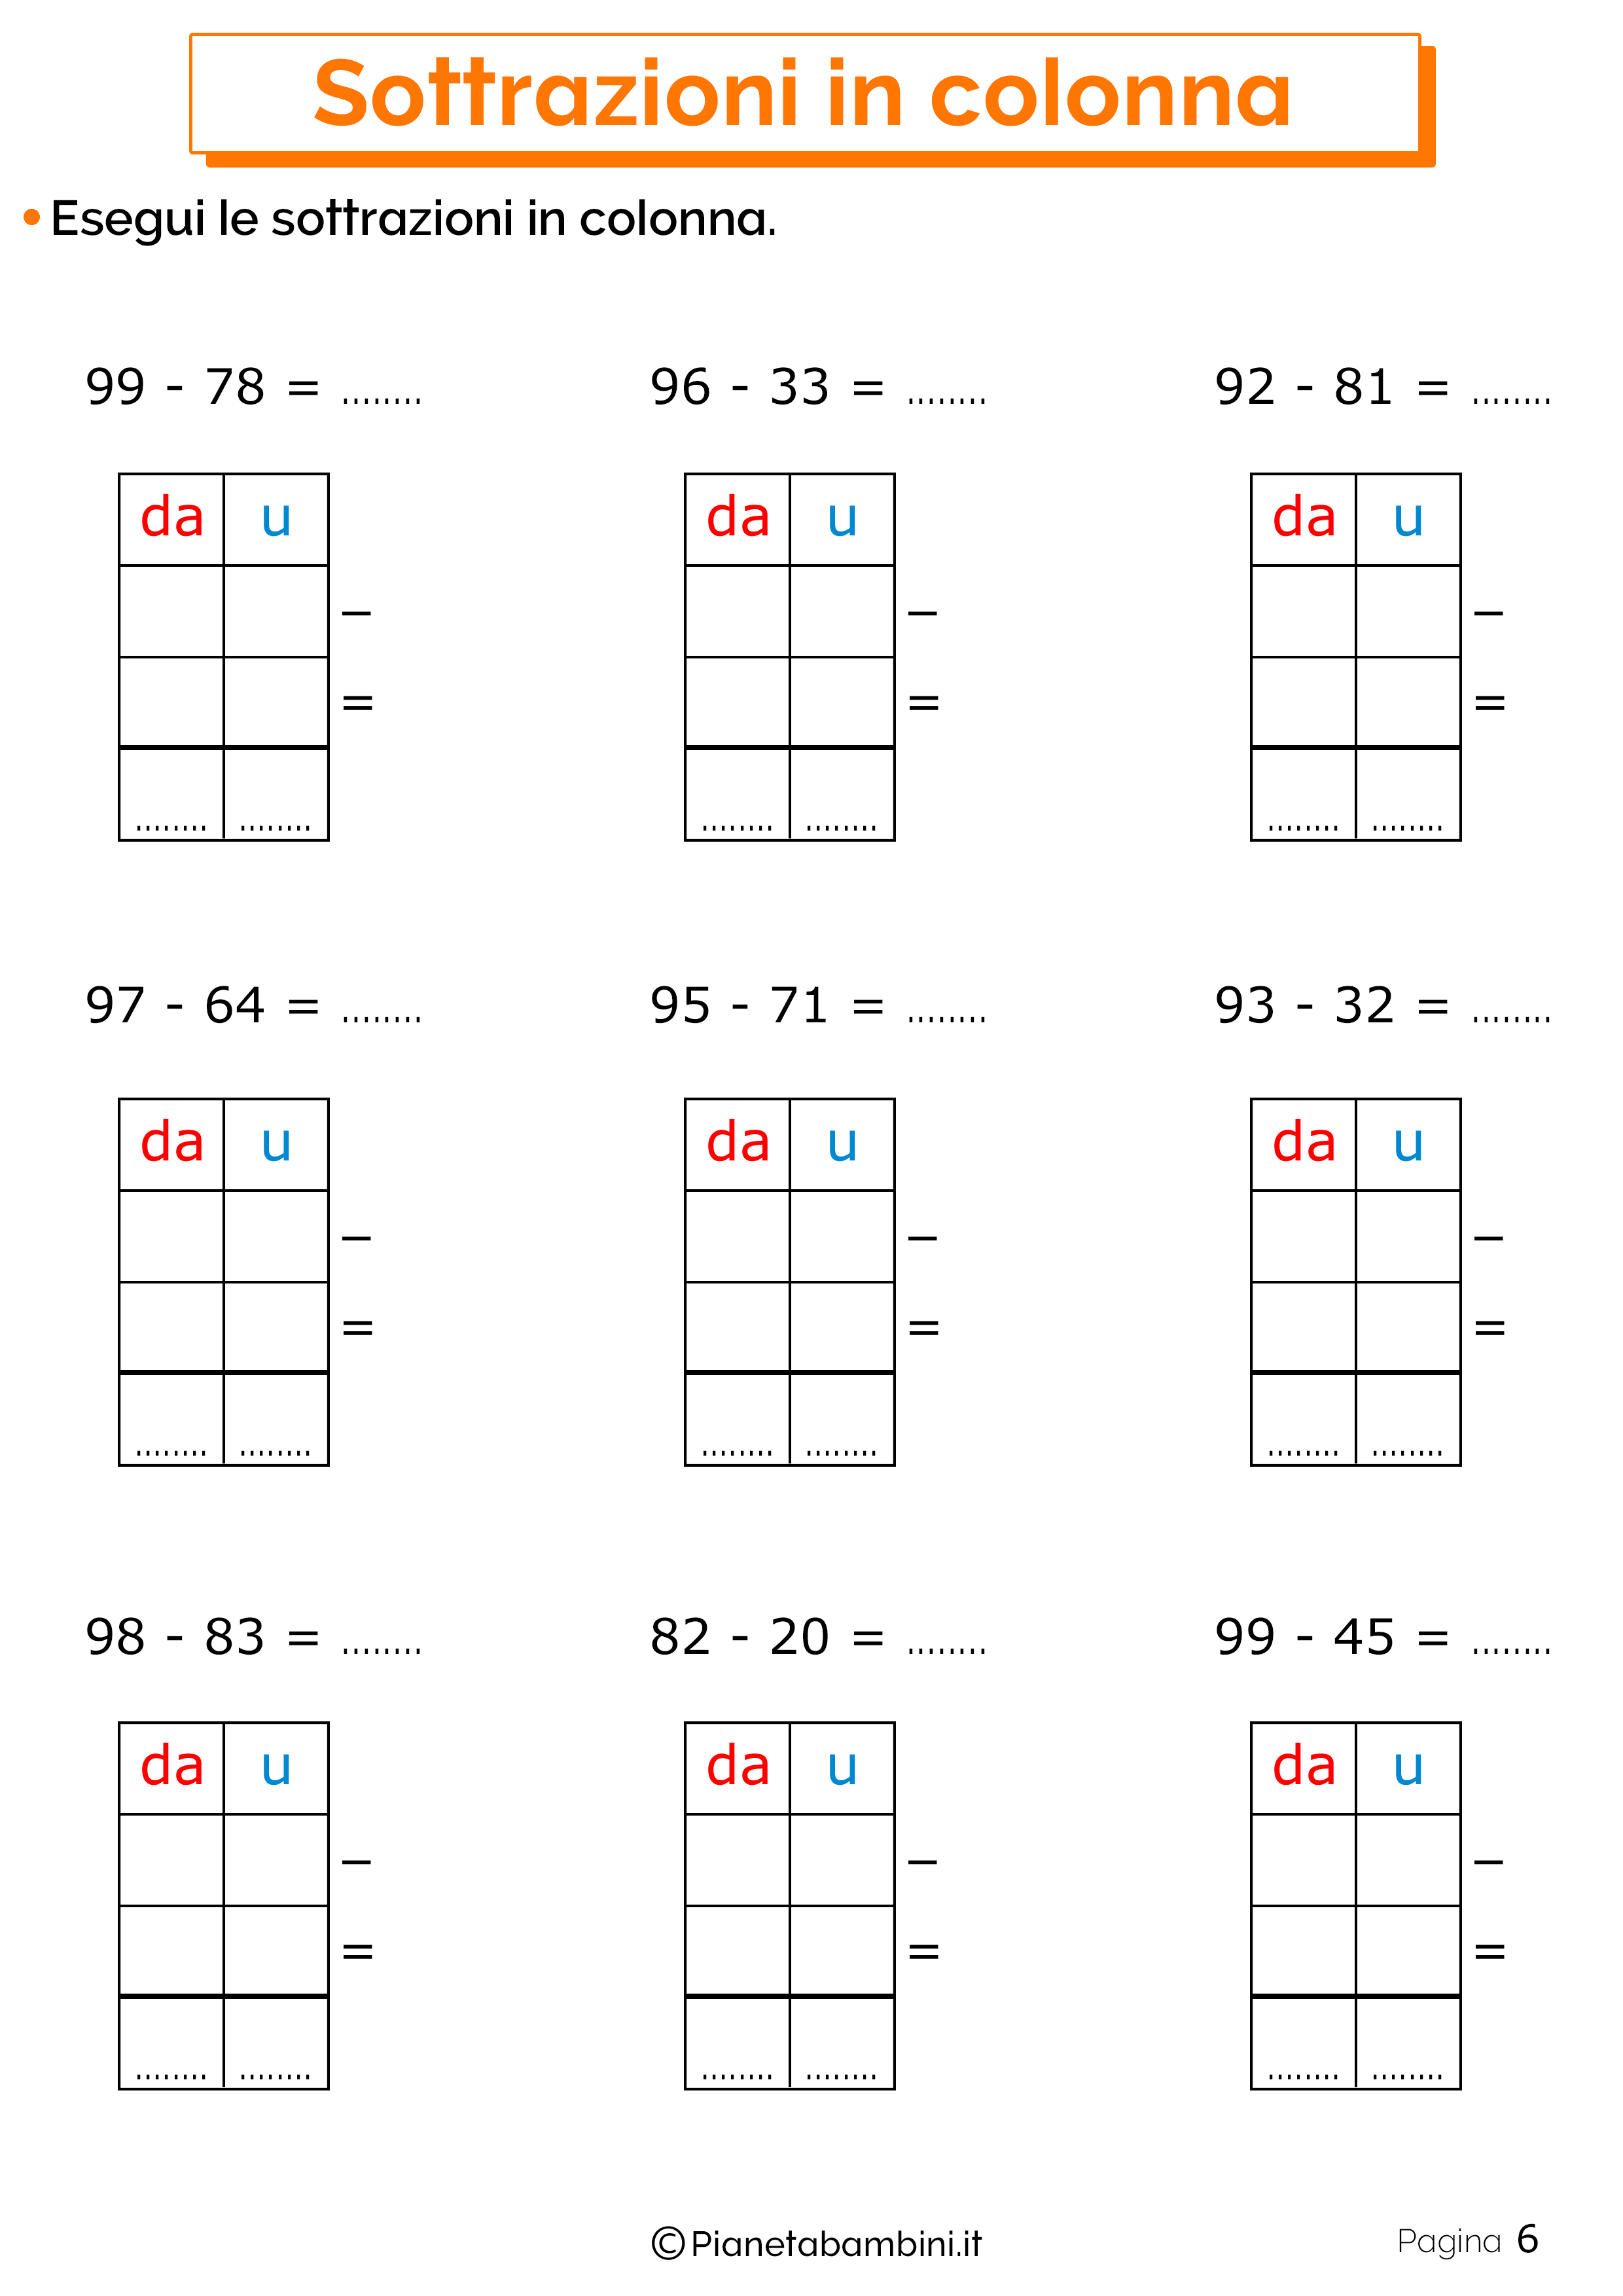 Schede didattiche sulle sottrazioni in colonna 6